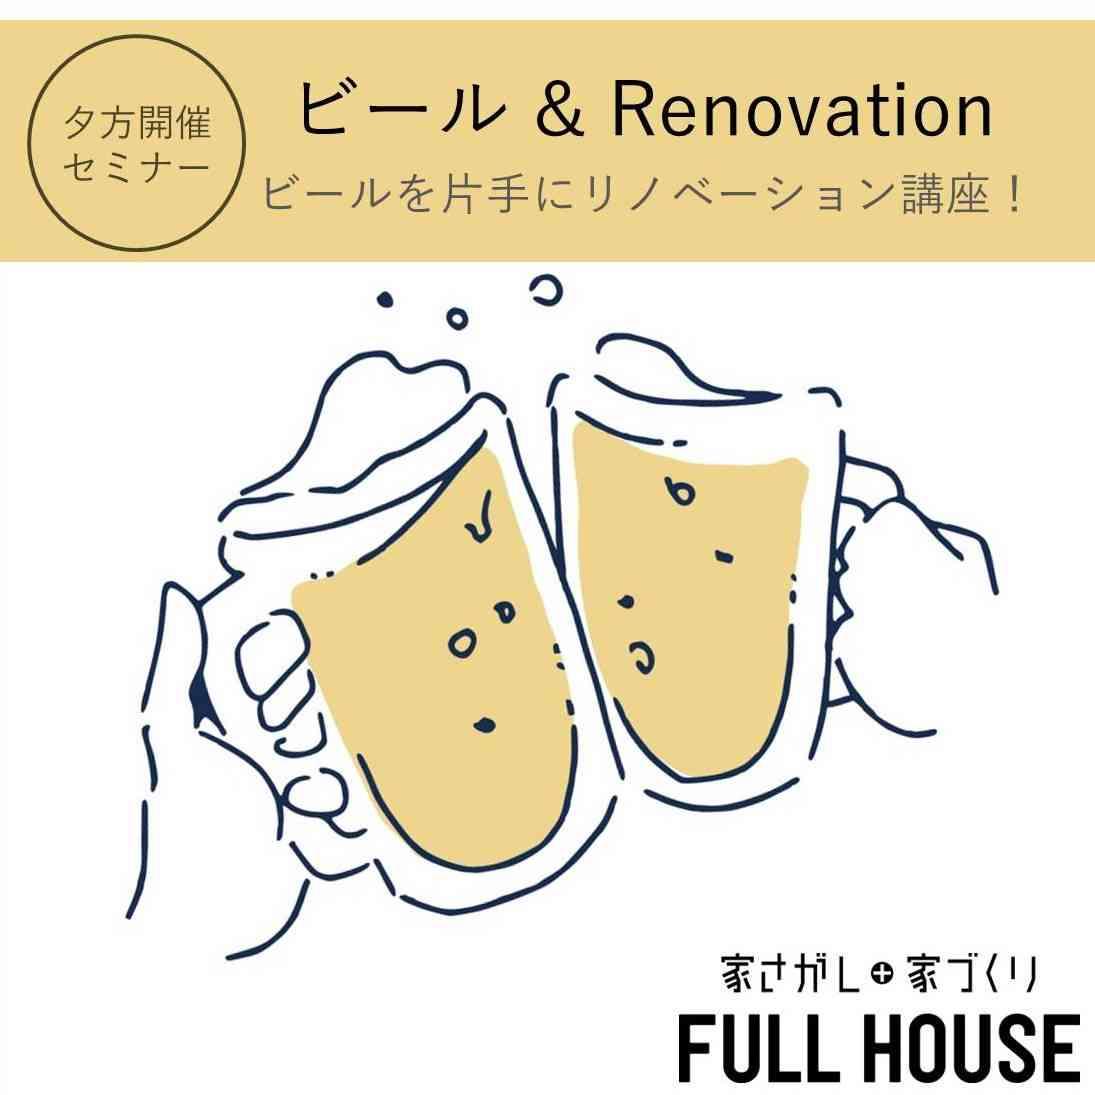 【 ビール × Renovation 】 お仕事帰りにビールをどうぞ。 ビール片手にリノベ―ションセミナー